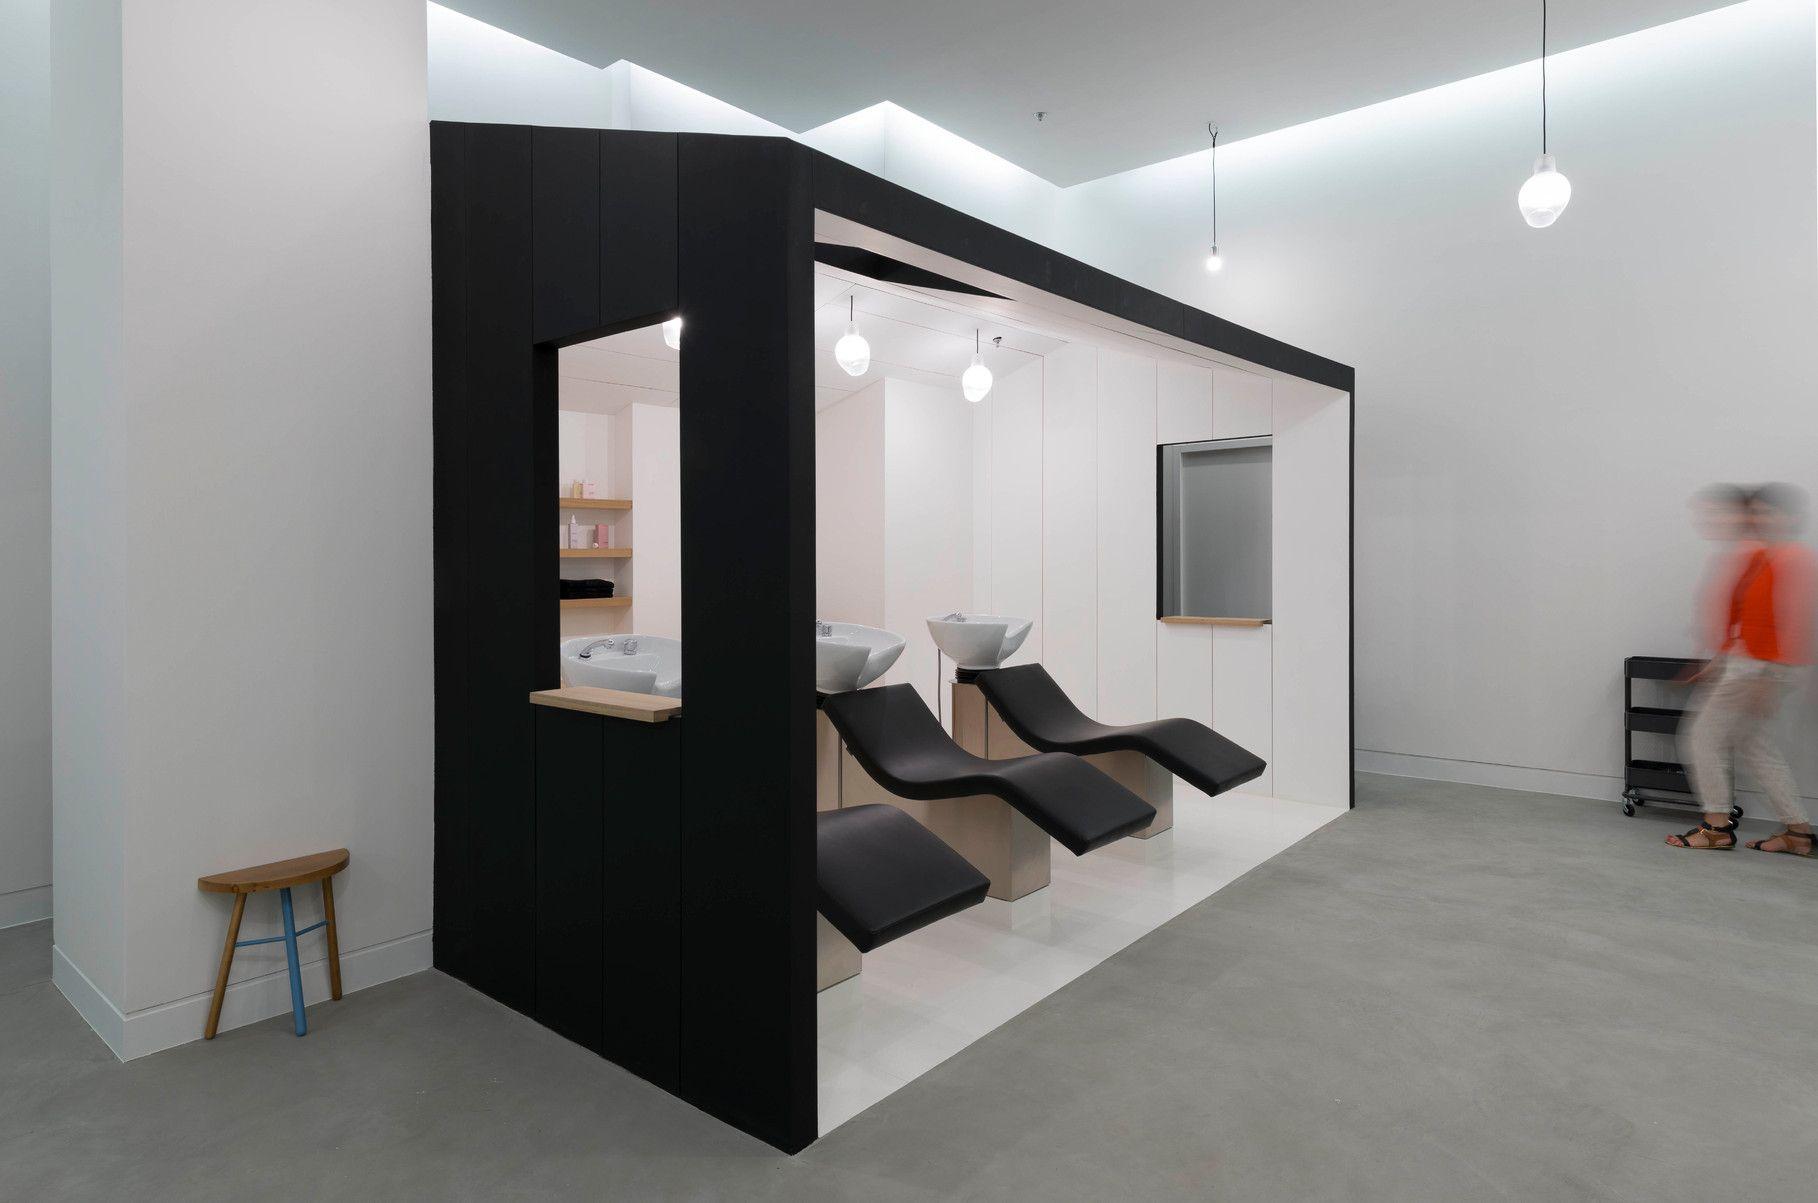 Un Salon De Coiffure Moderne Et Epure A Marseille Hair Salon Interior Salon Interior Design Retail Interior